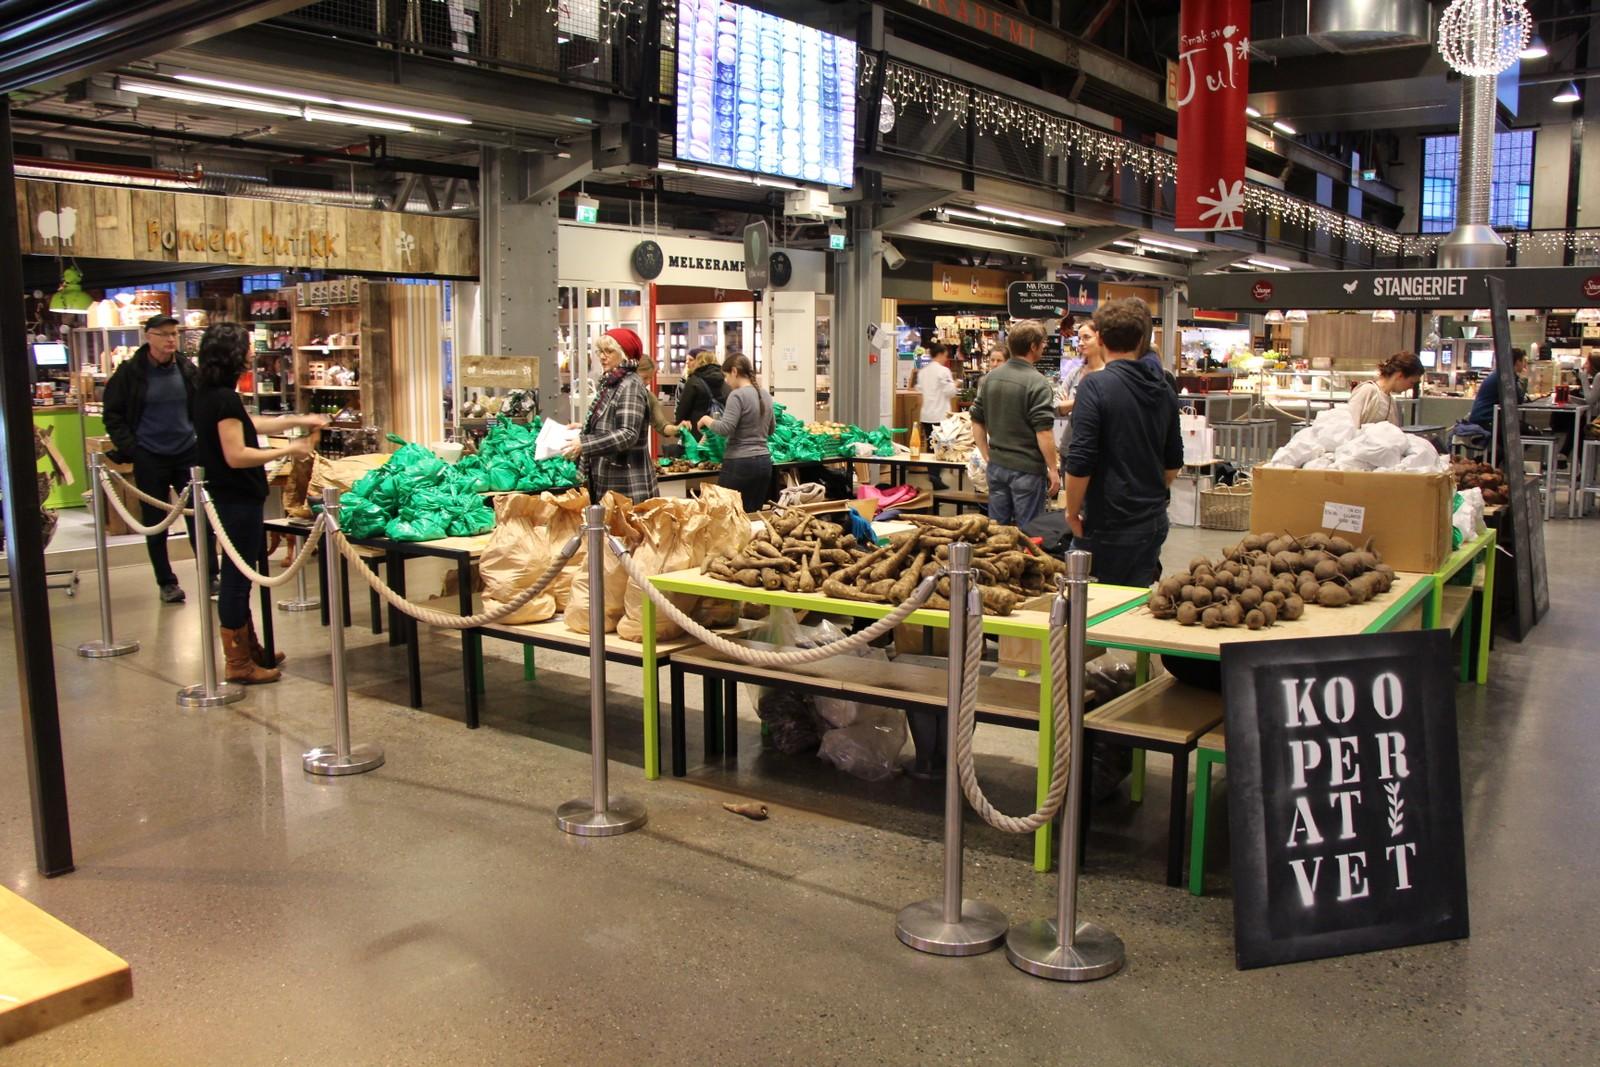 Kooperativet i Mathallen i Oslo. Samvirket er medlemseid og -drevet, og sørger for direktesalg av lokale økologiske og biodynamiske produserte råvarer.